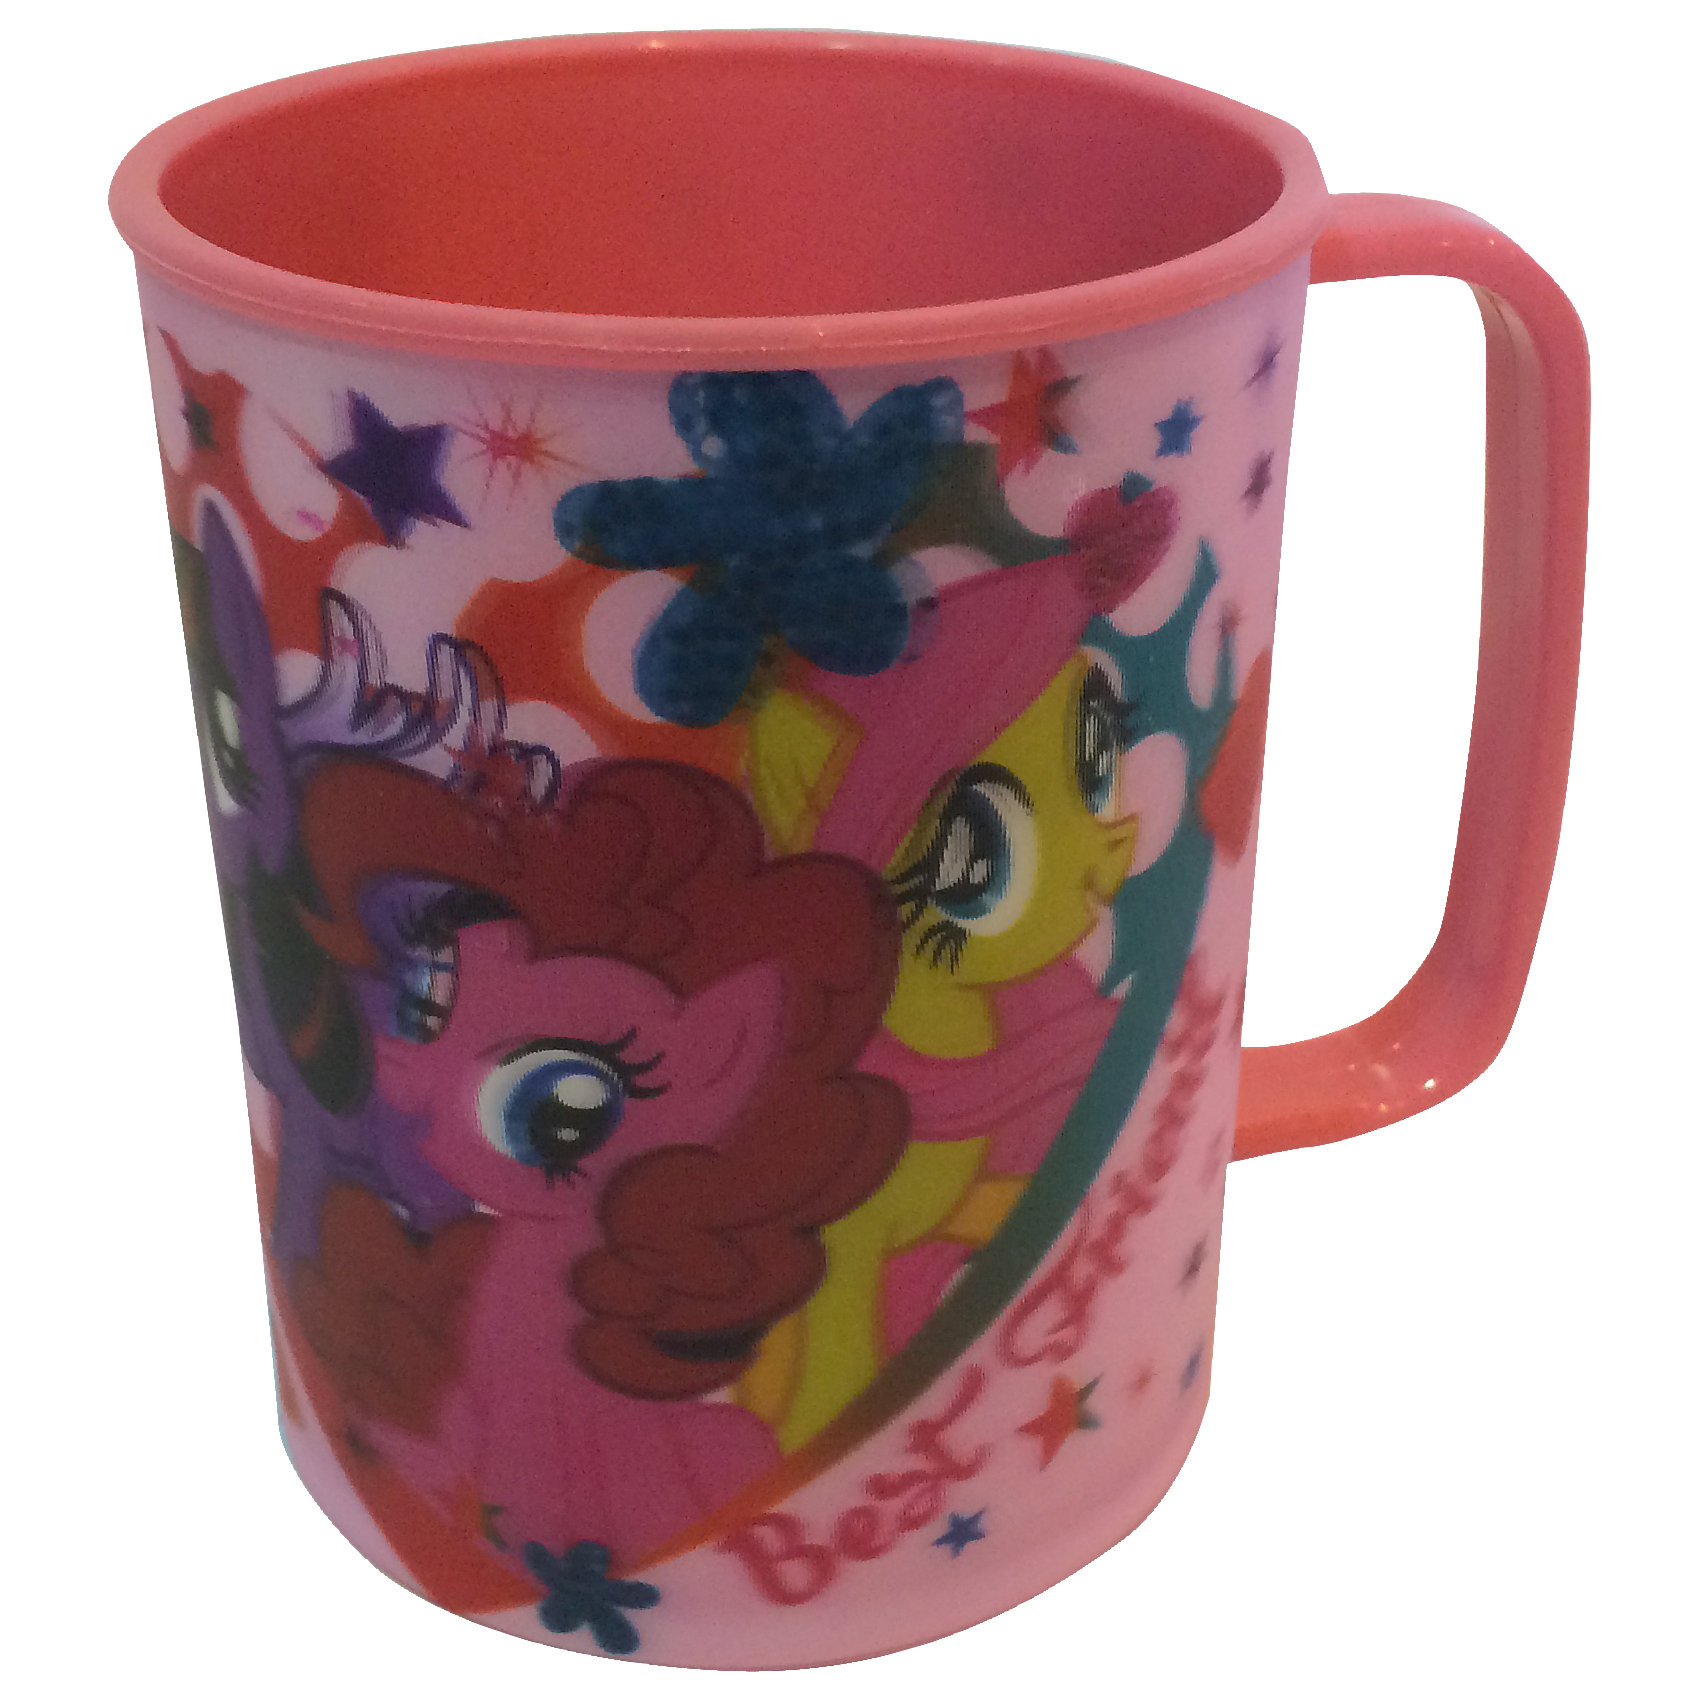 Розовая кружка 300 мл, My little PonyЯркая привлекательная посуда с симпатичными персонажами поможет ребенку быстрее освоить навыки самостоятельного питания. Кружка My little Pony (Май литл Пони) выполнена в приятной розовой расцветке по мотивам популярного мультсериала Моя маленькая пони и украшена стерео изображением его героинь - волшебных лошадок. Материал представляет собой качественный пищевой пластик, не вызывающий аллергии и безопасный для детского здоровья. Имеется удобная для ребенка ручка и закругленные края. <br><br>Дополнительная информация:<br><br>- Материал: пластик.<br>- Объем: 300 мл.<br>- Размер кружки: 9,5 х 7,6 см.<br>- Размер упаковки: 7,5 х 9 х 10 см.<br>- Вес: 52 гр.<br><br>Розовую кружку 300 мл, My little Pony (Май литл Пони), можно купить в нашем интернет-магазине.<br><br>Ширина мм: 7<br>Глубина мм: 90<br>Высота мм: 100<br>Вес г: 52<br>Возраст от месяцев: 36<br>Возраст до месяцев: 168<br>Пол: Женский<br>Возраст: Детский<br>SKU: 4093850